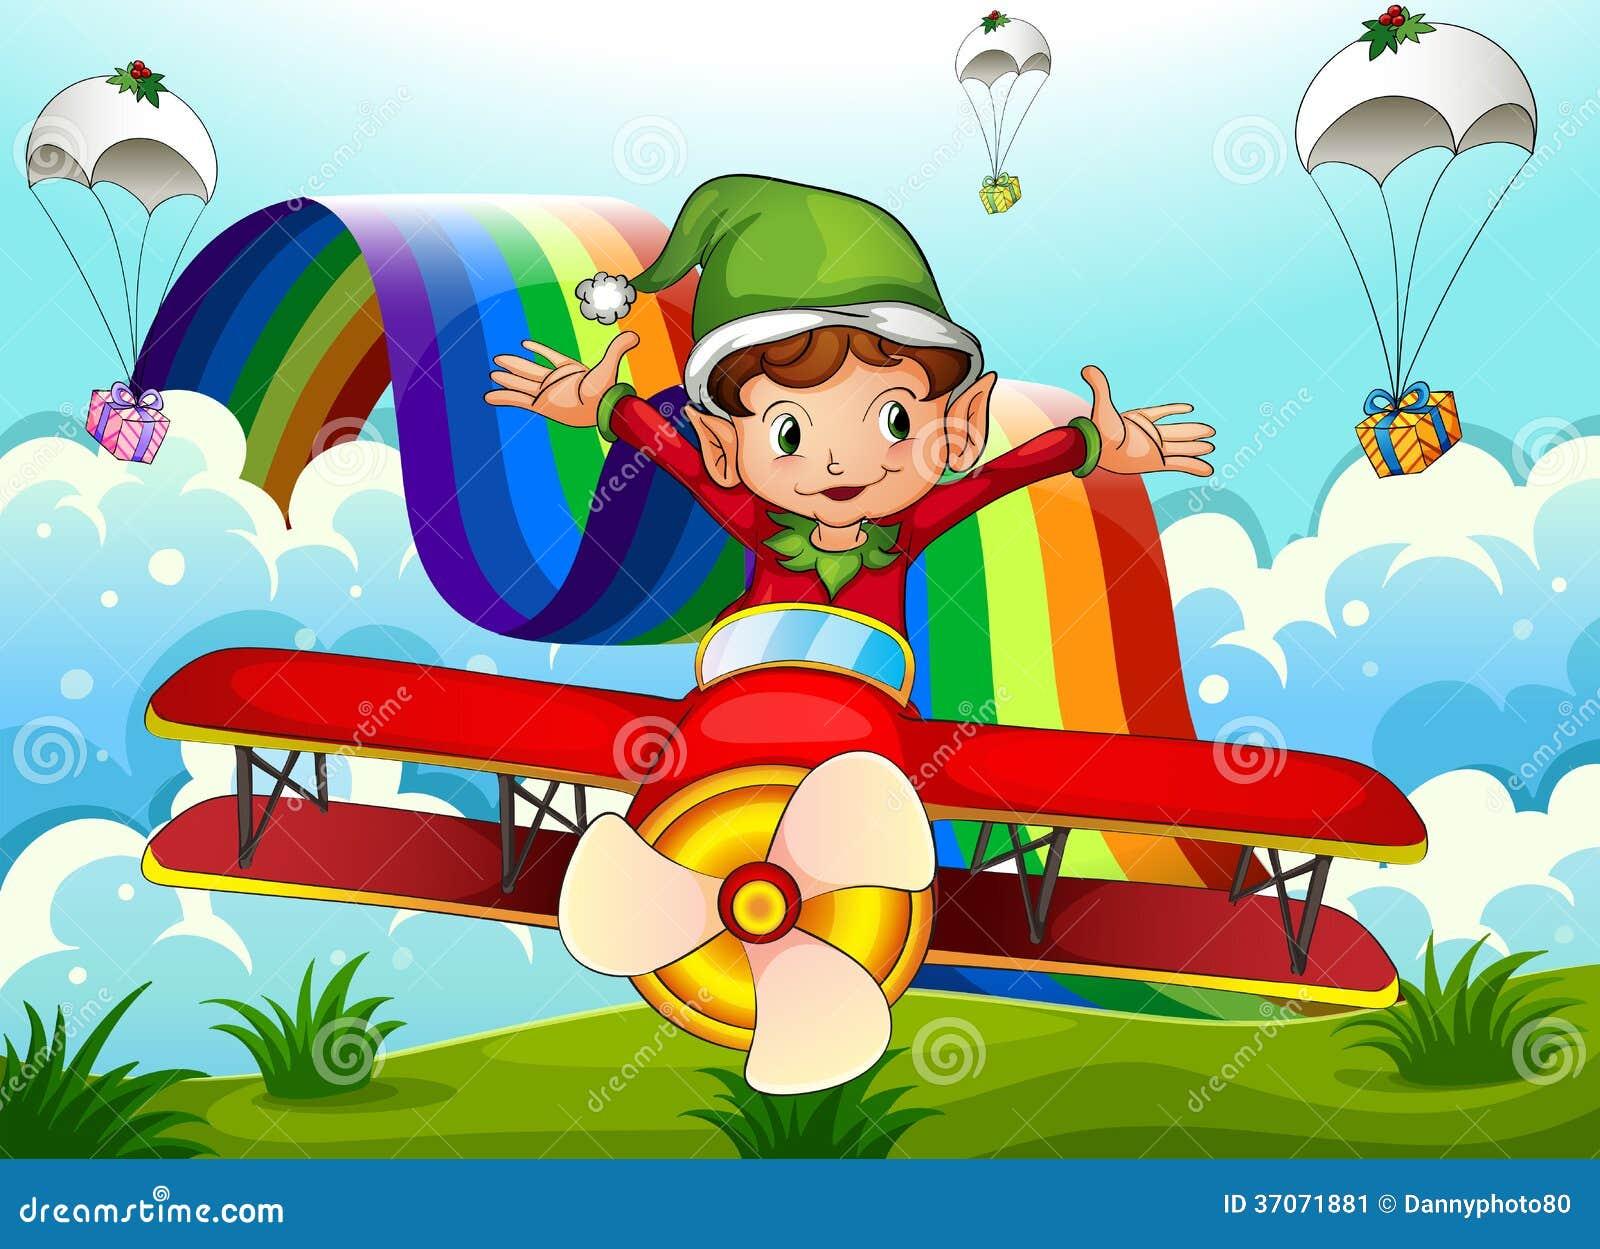 Un avion avec un elfe et un arc-en-ciel dans le ciel avec des parachutes